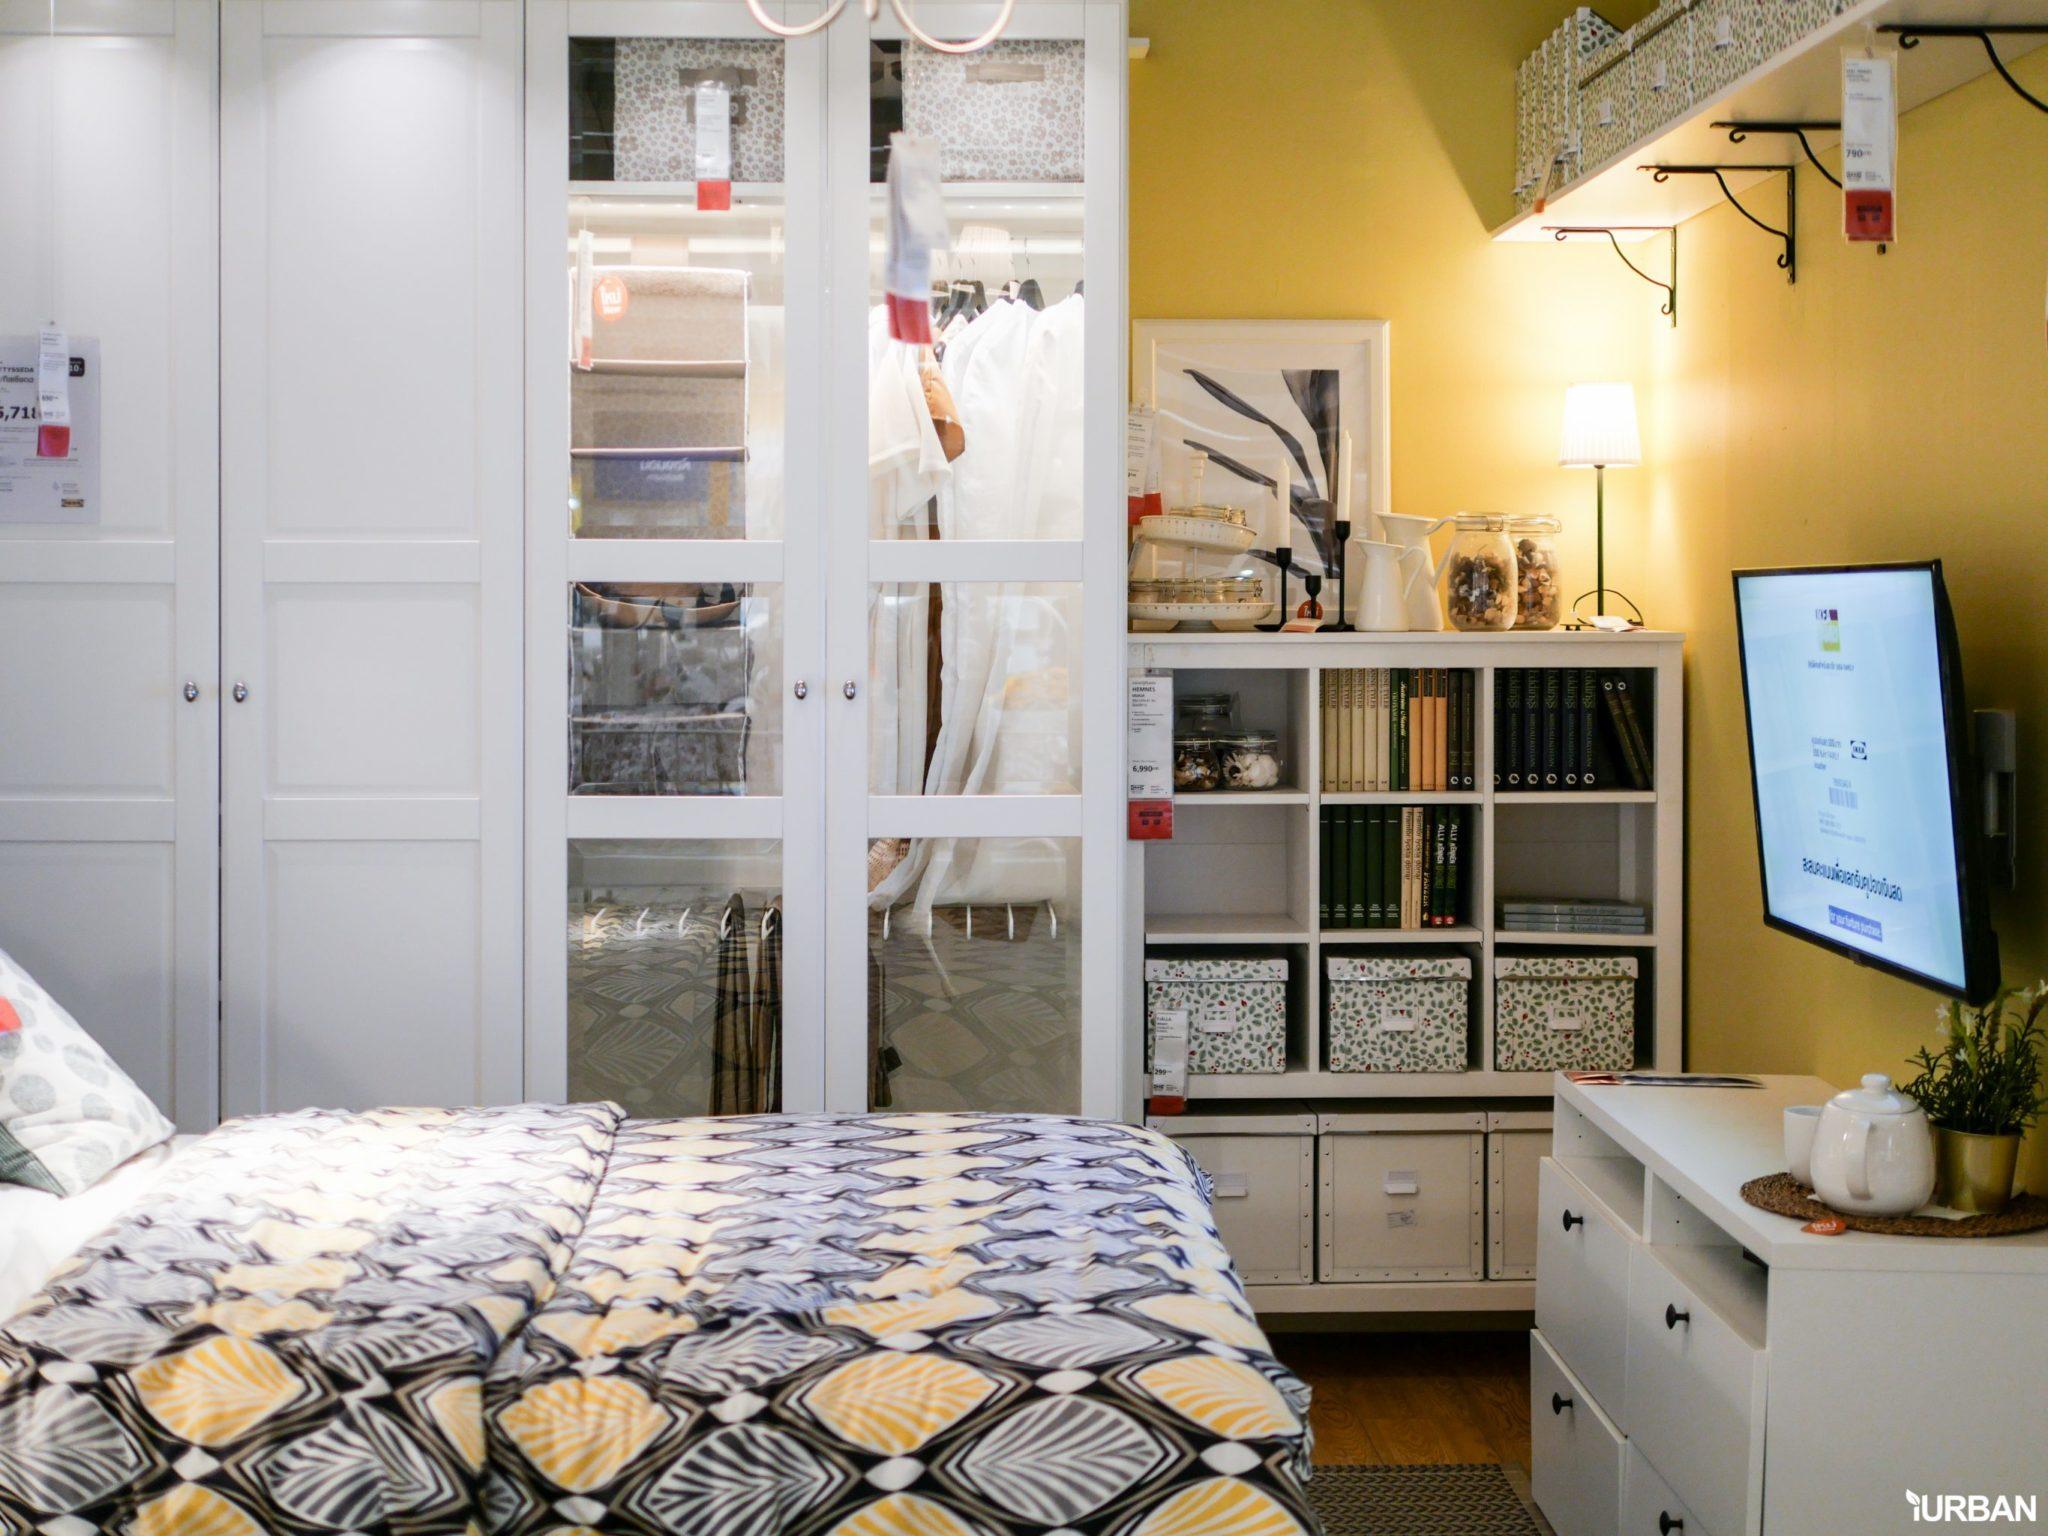 """9 วิธีจัดห้องเก่าให้เหมือนใหม่ ลอกวิธีจัดห้องในพื้นที่เล็ก """"Small Space"""" แบบ IKEA 83 - Bedroom"""